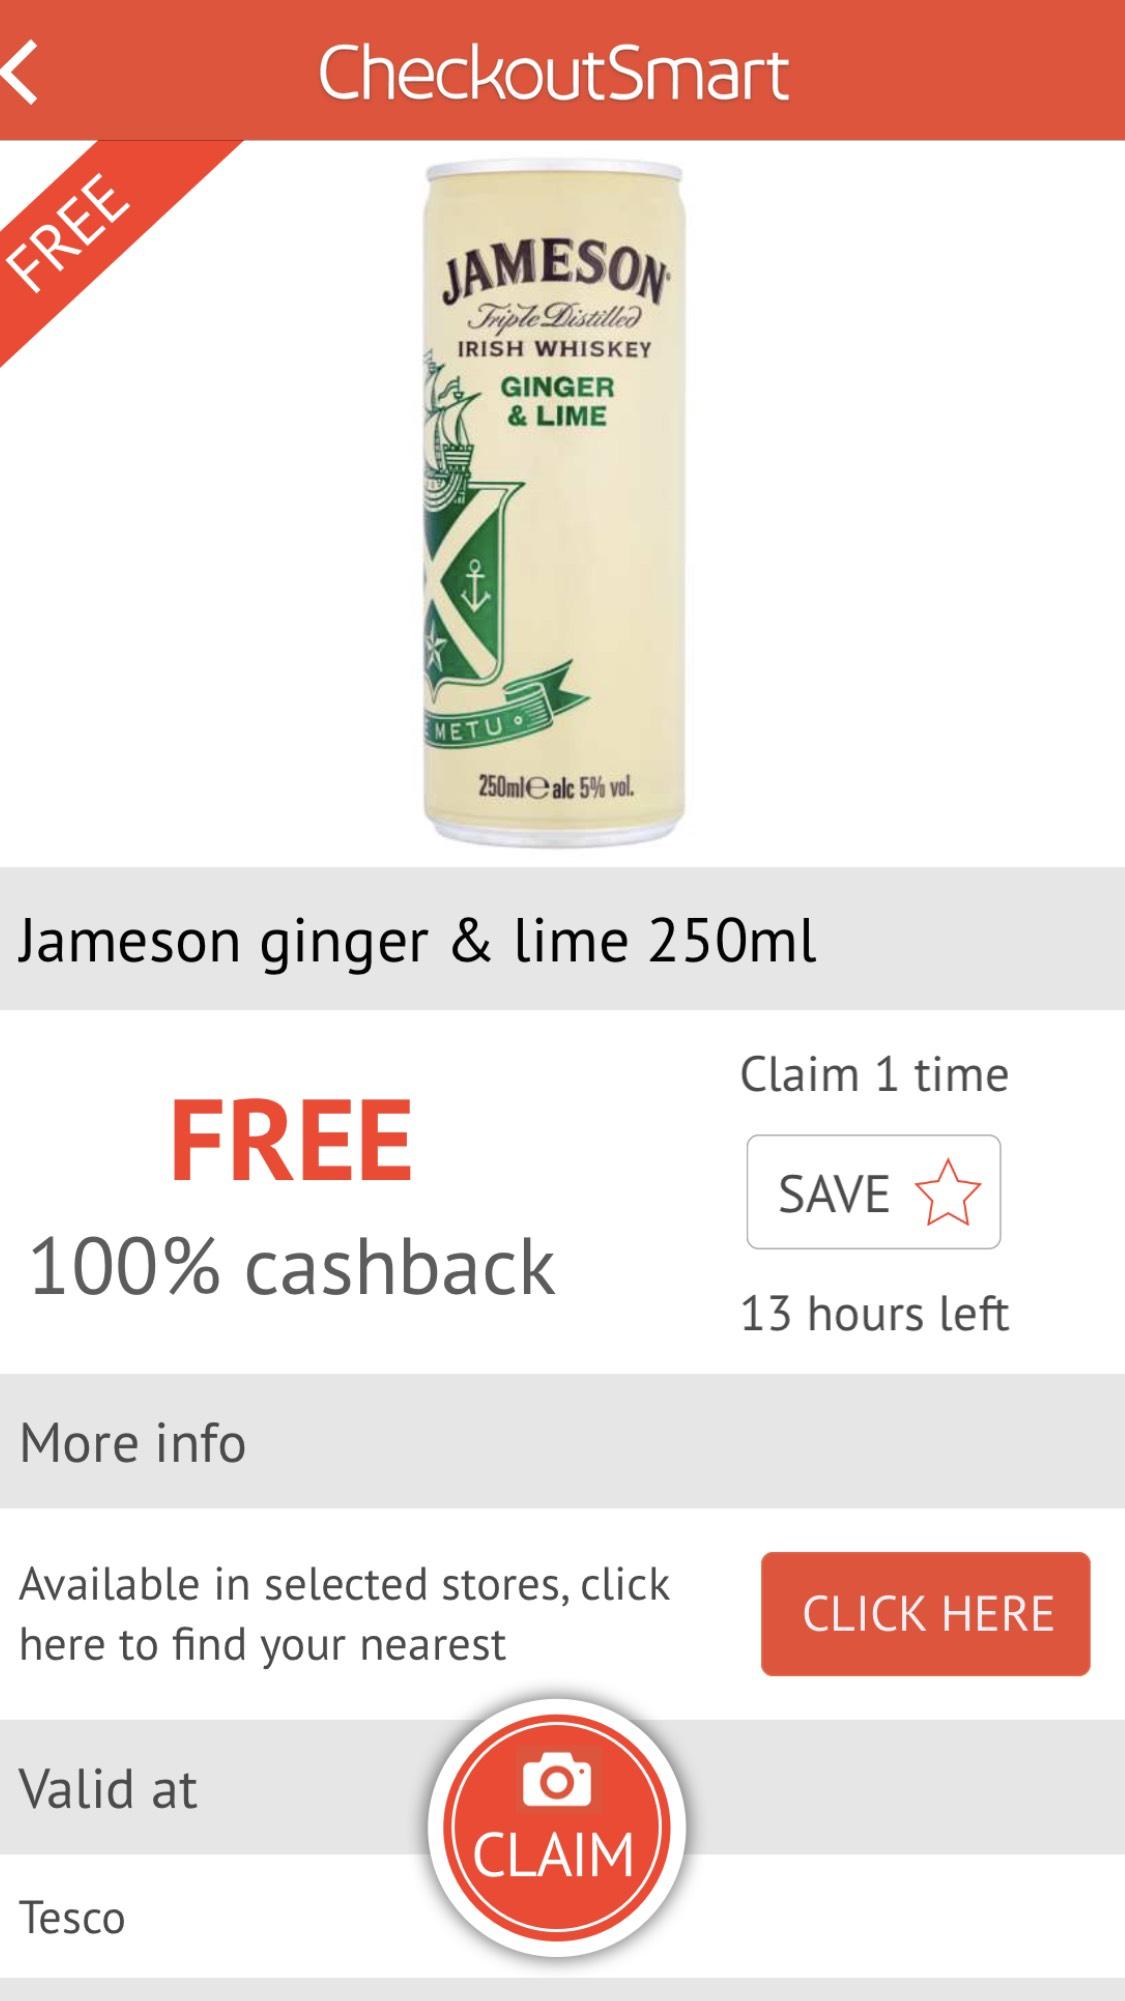 checkoutsmart free jameson ginger & lime 250ml @ tesco £1.80